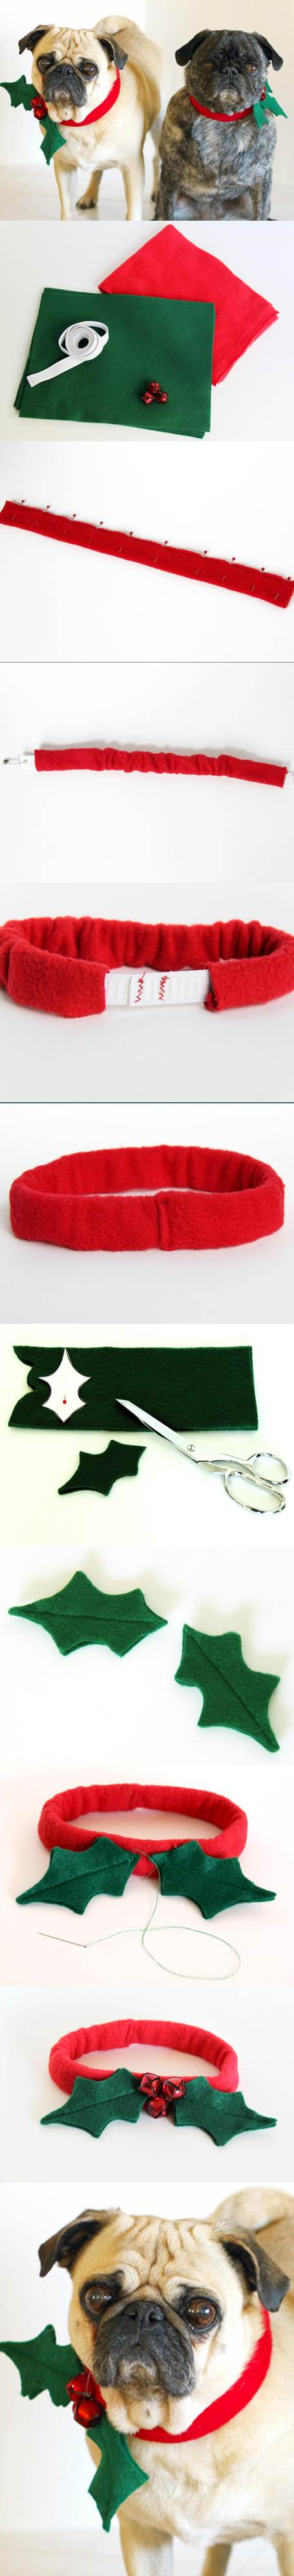 DIY Christmas Dog Collar 2